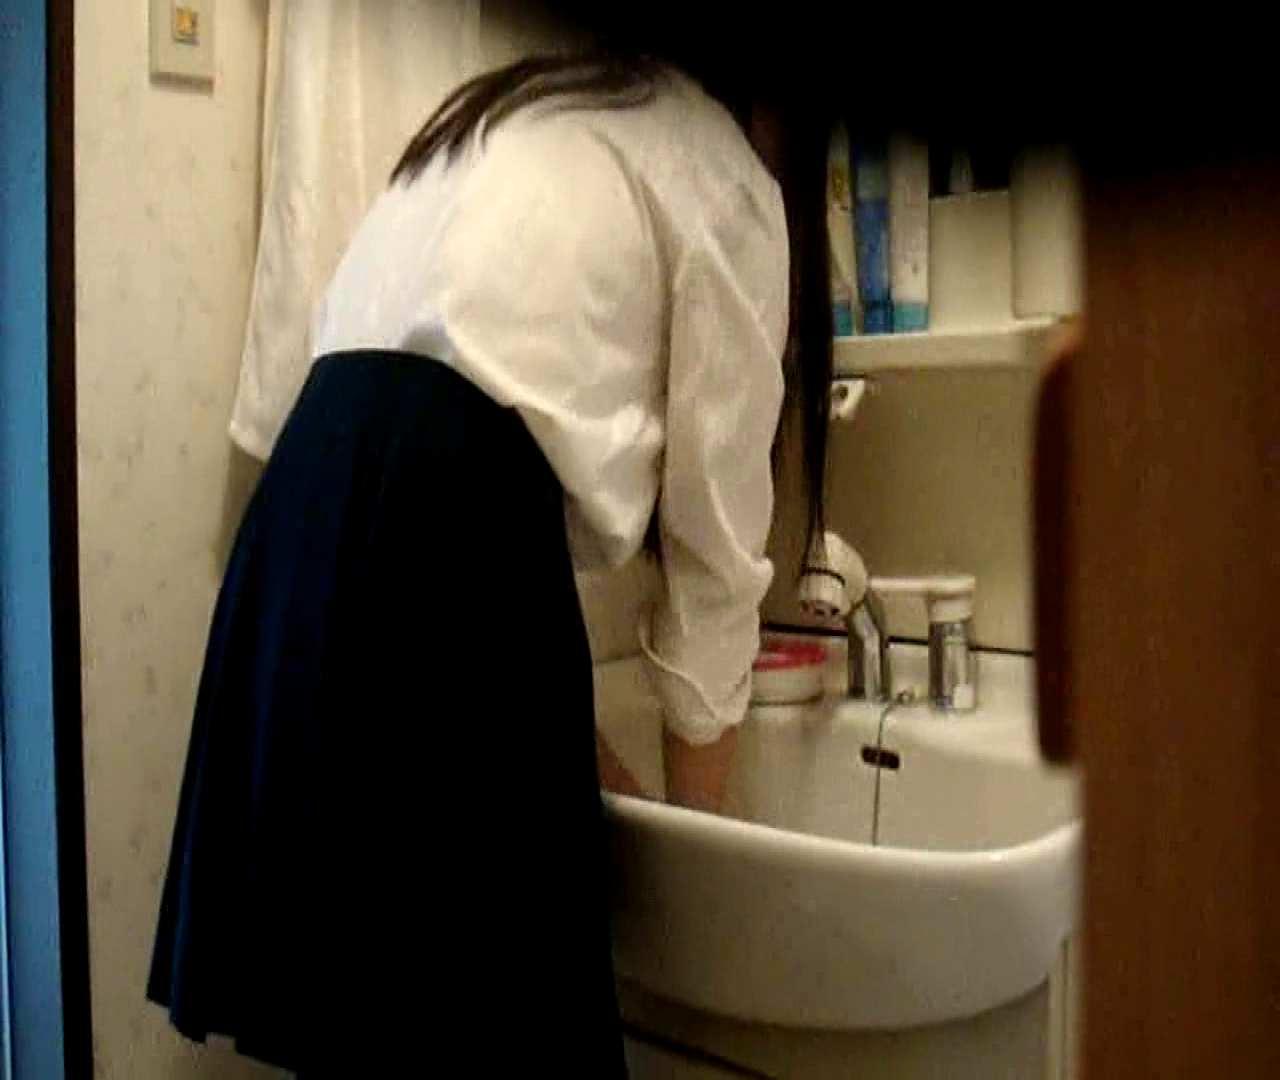 二人とも育てた甲斐がありました… vol.05 まどかが洗顔後にブラを洗濯 HなOL | 0  98pic 25